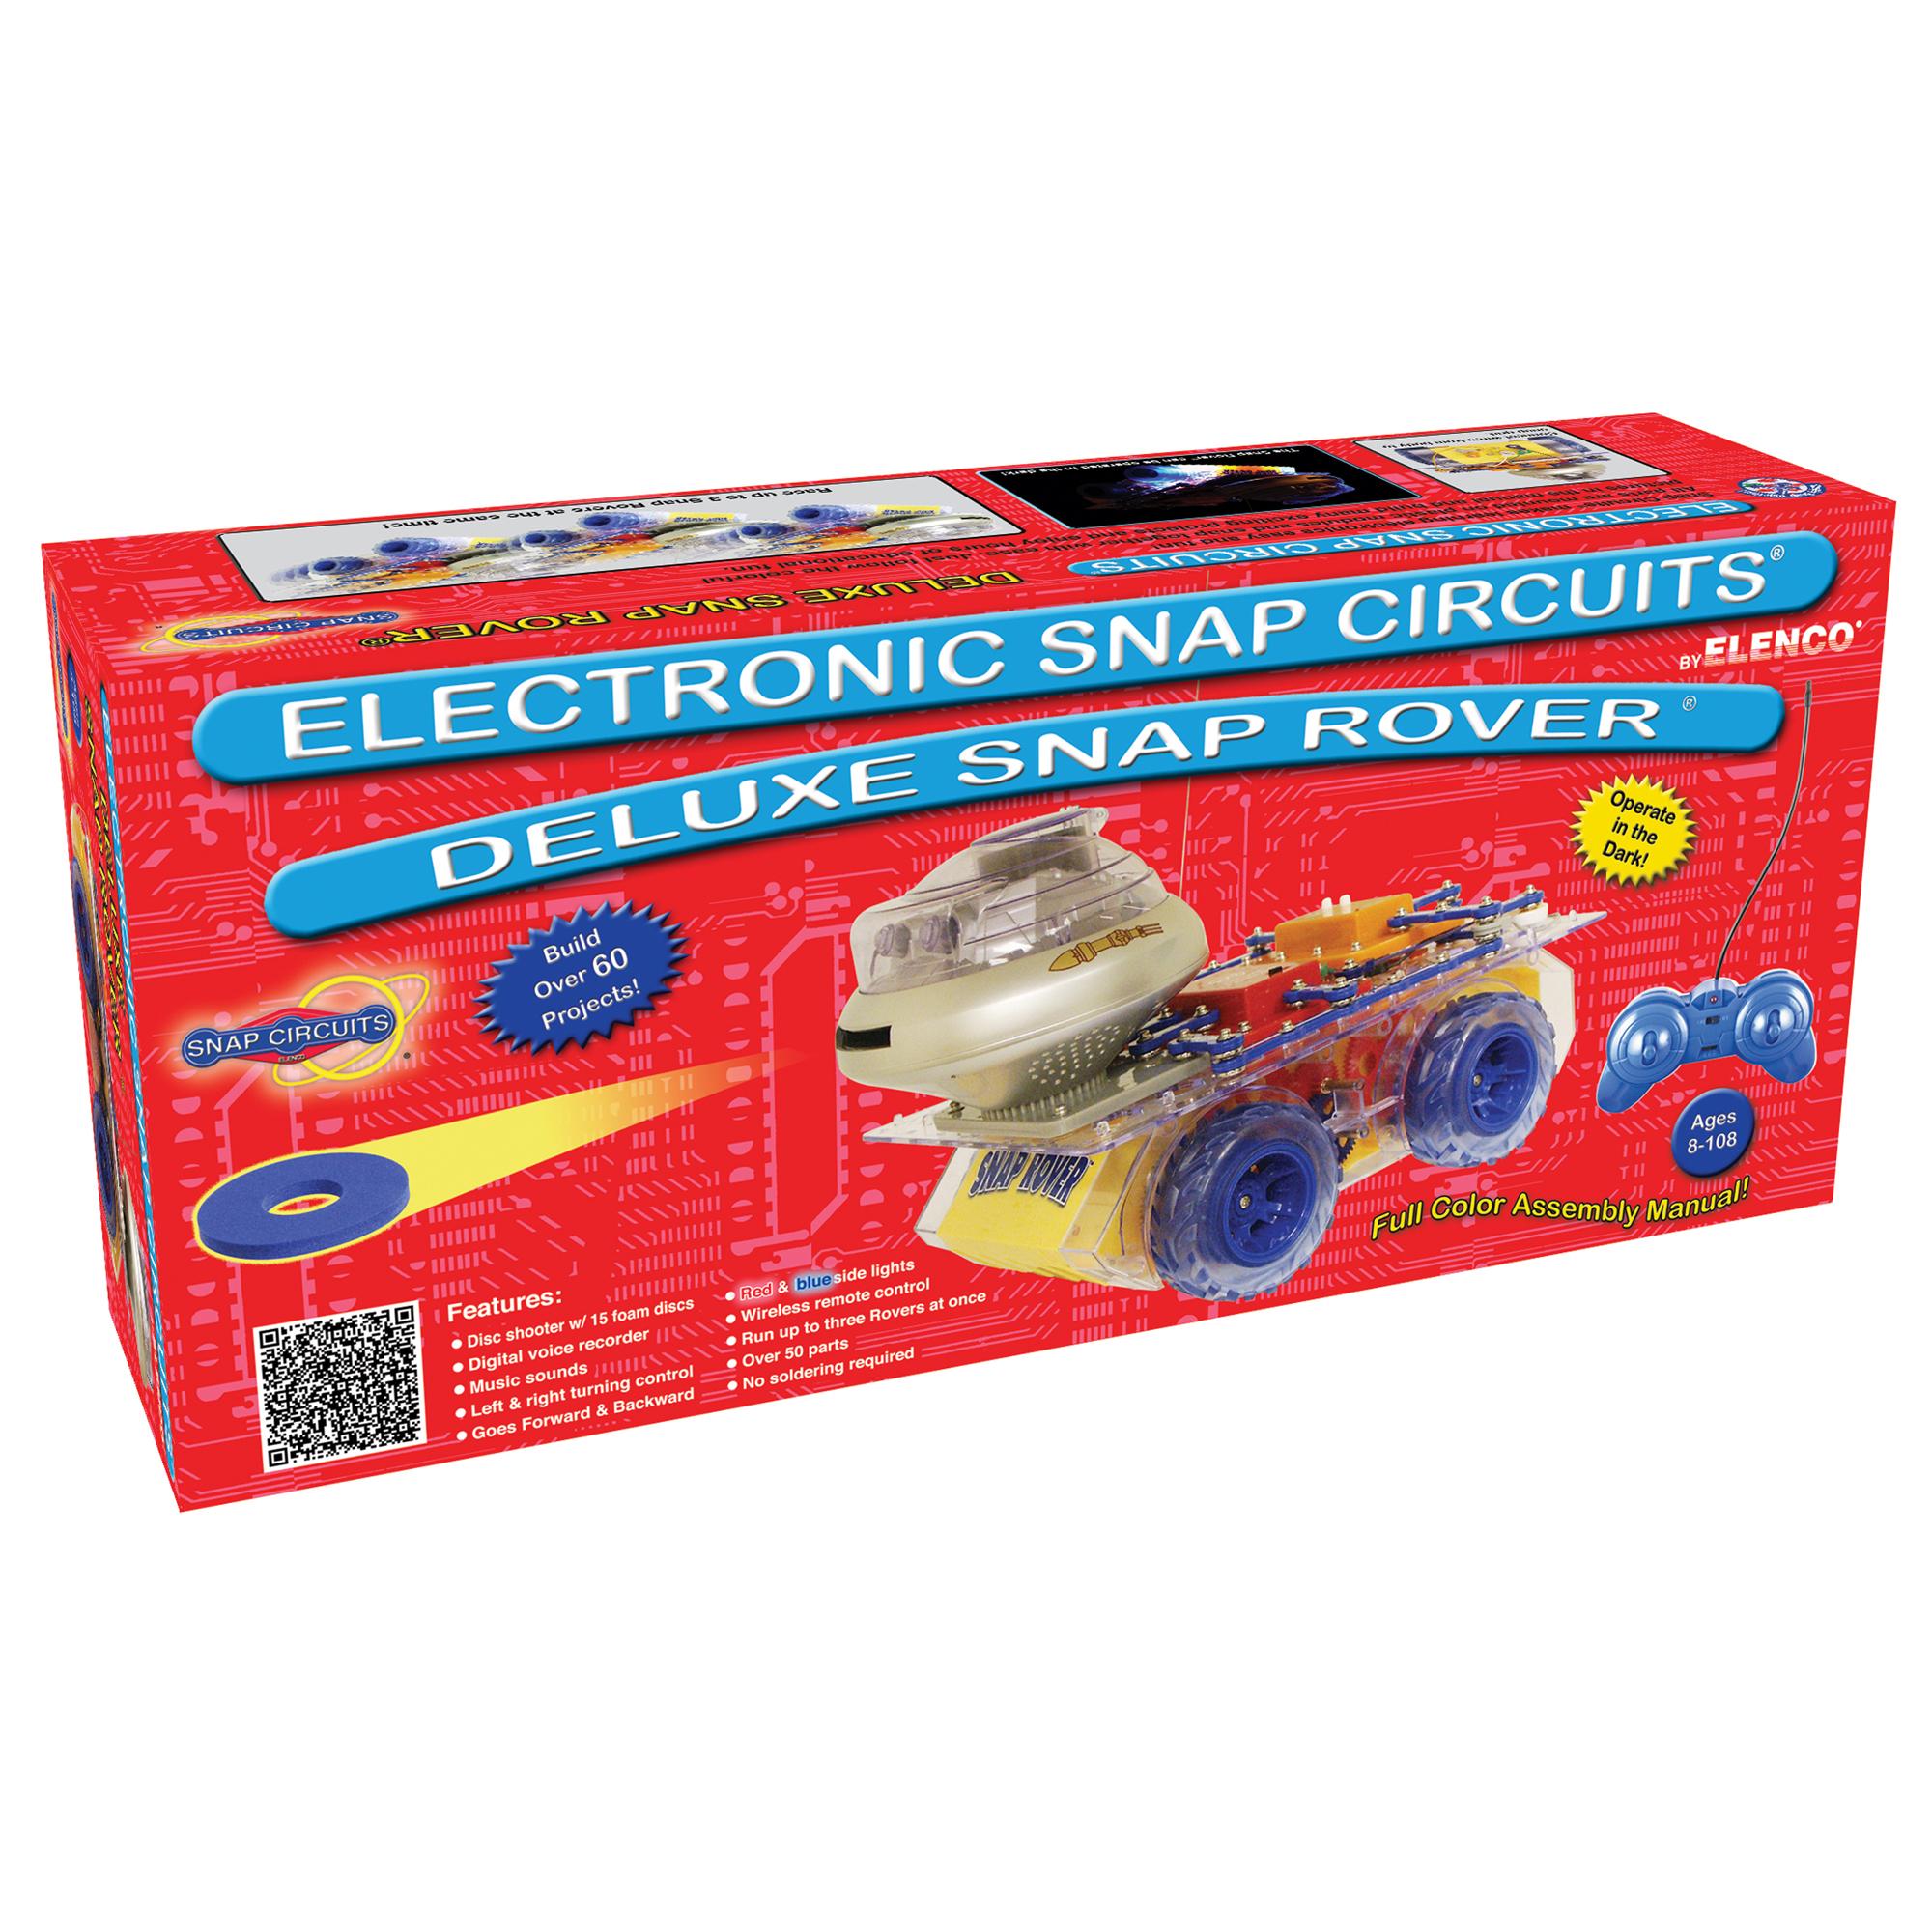 Snap circuits elenco snap circuits deluxe snap rover solutioingenieria Image collections